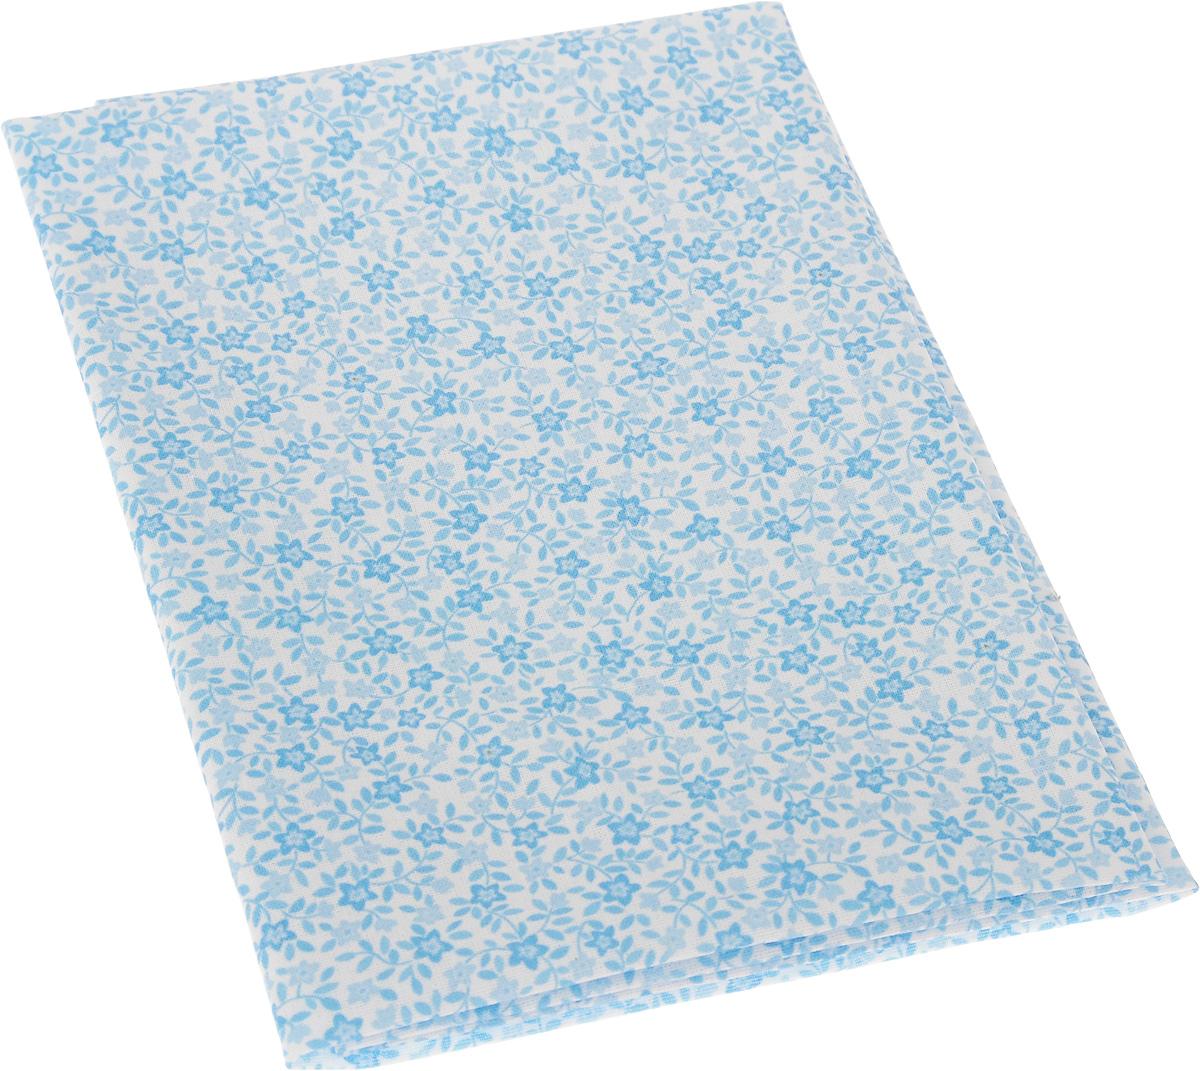 Ткань для пэчворка Артмикс Яркие цветочки, цвет: белый, голубой, 48 x 50 см695807_31Ткань Артмикс Яркие цветочки, изготовленная из 100% хлопка, предназначена для пошива одеял, покрывал, сумок, аппликаций и прочих изделий в технике пэчворк. Также подходит для пошива кукол, аксессуаров и одежды.Пэчворк - это вид рукоделия, при котором по принципу мозаики сшивается цельное изделие из кусочков ткани (лоскутков). Плотность ткани: 120 г/м2.УВАЖАЕМЫЕ КЛИЕНТЫ!Обращаем ваше внимание, на тот факт, что размер отреза может отличаться на 1-2 см.